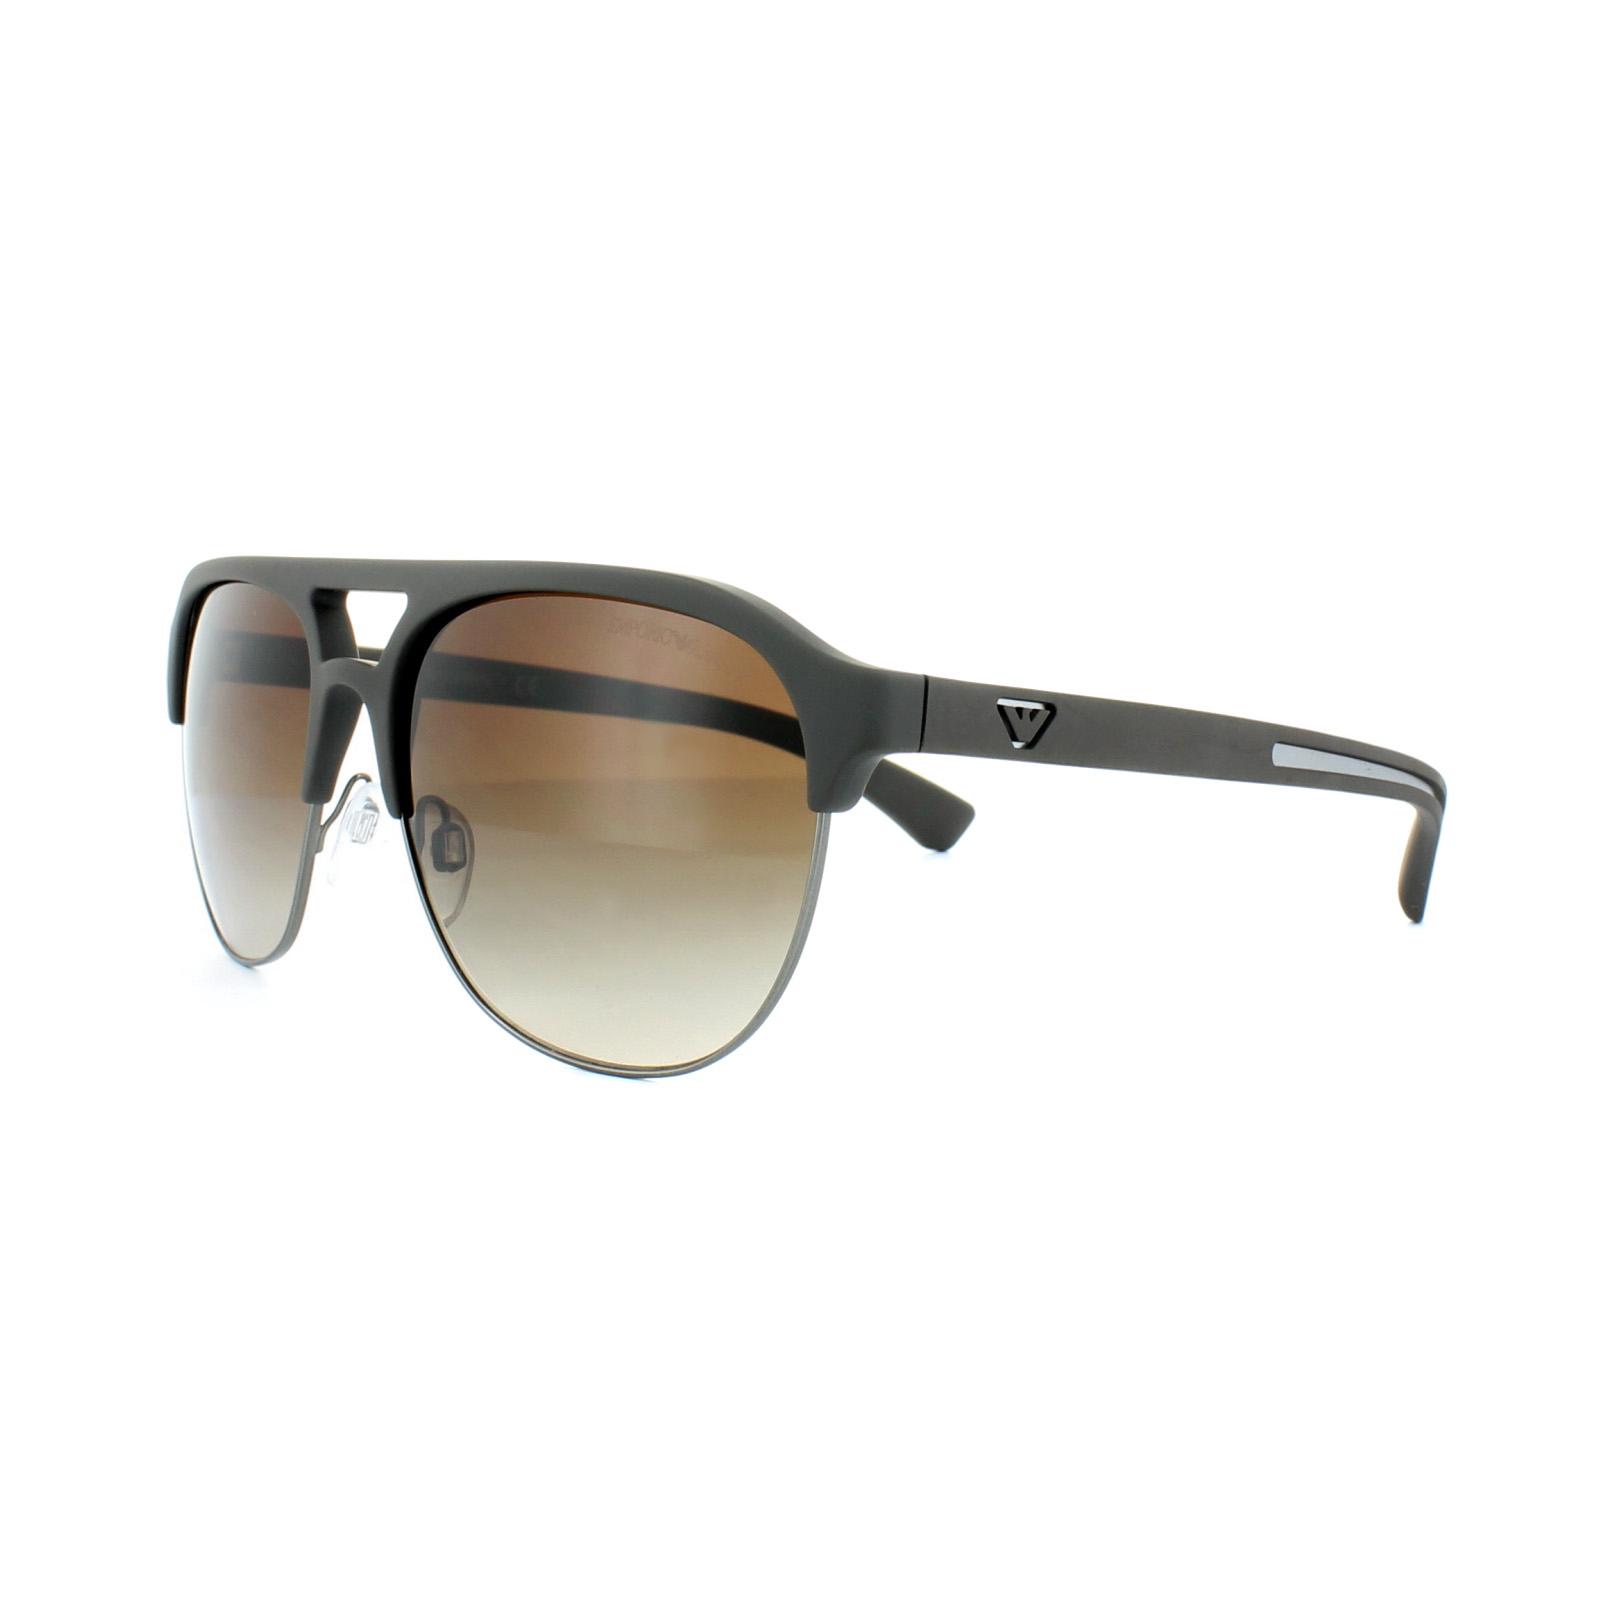 9c67cbb60a0 Sentinel Emporio Armani Sunglasses 4077 5305 13 Brown Rubber Brown Gradient